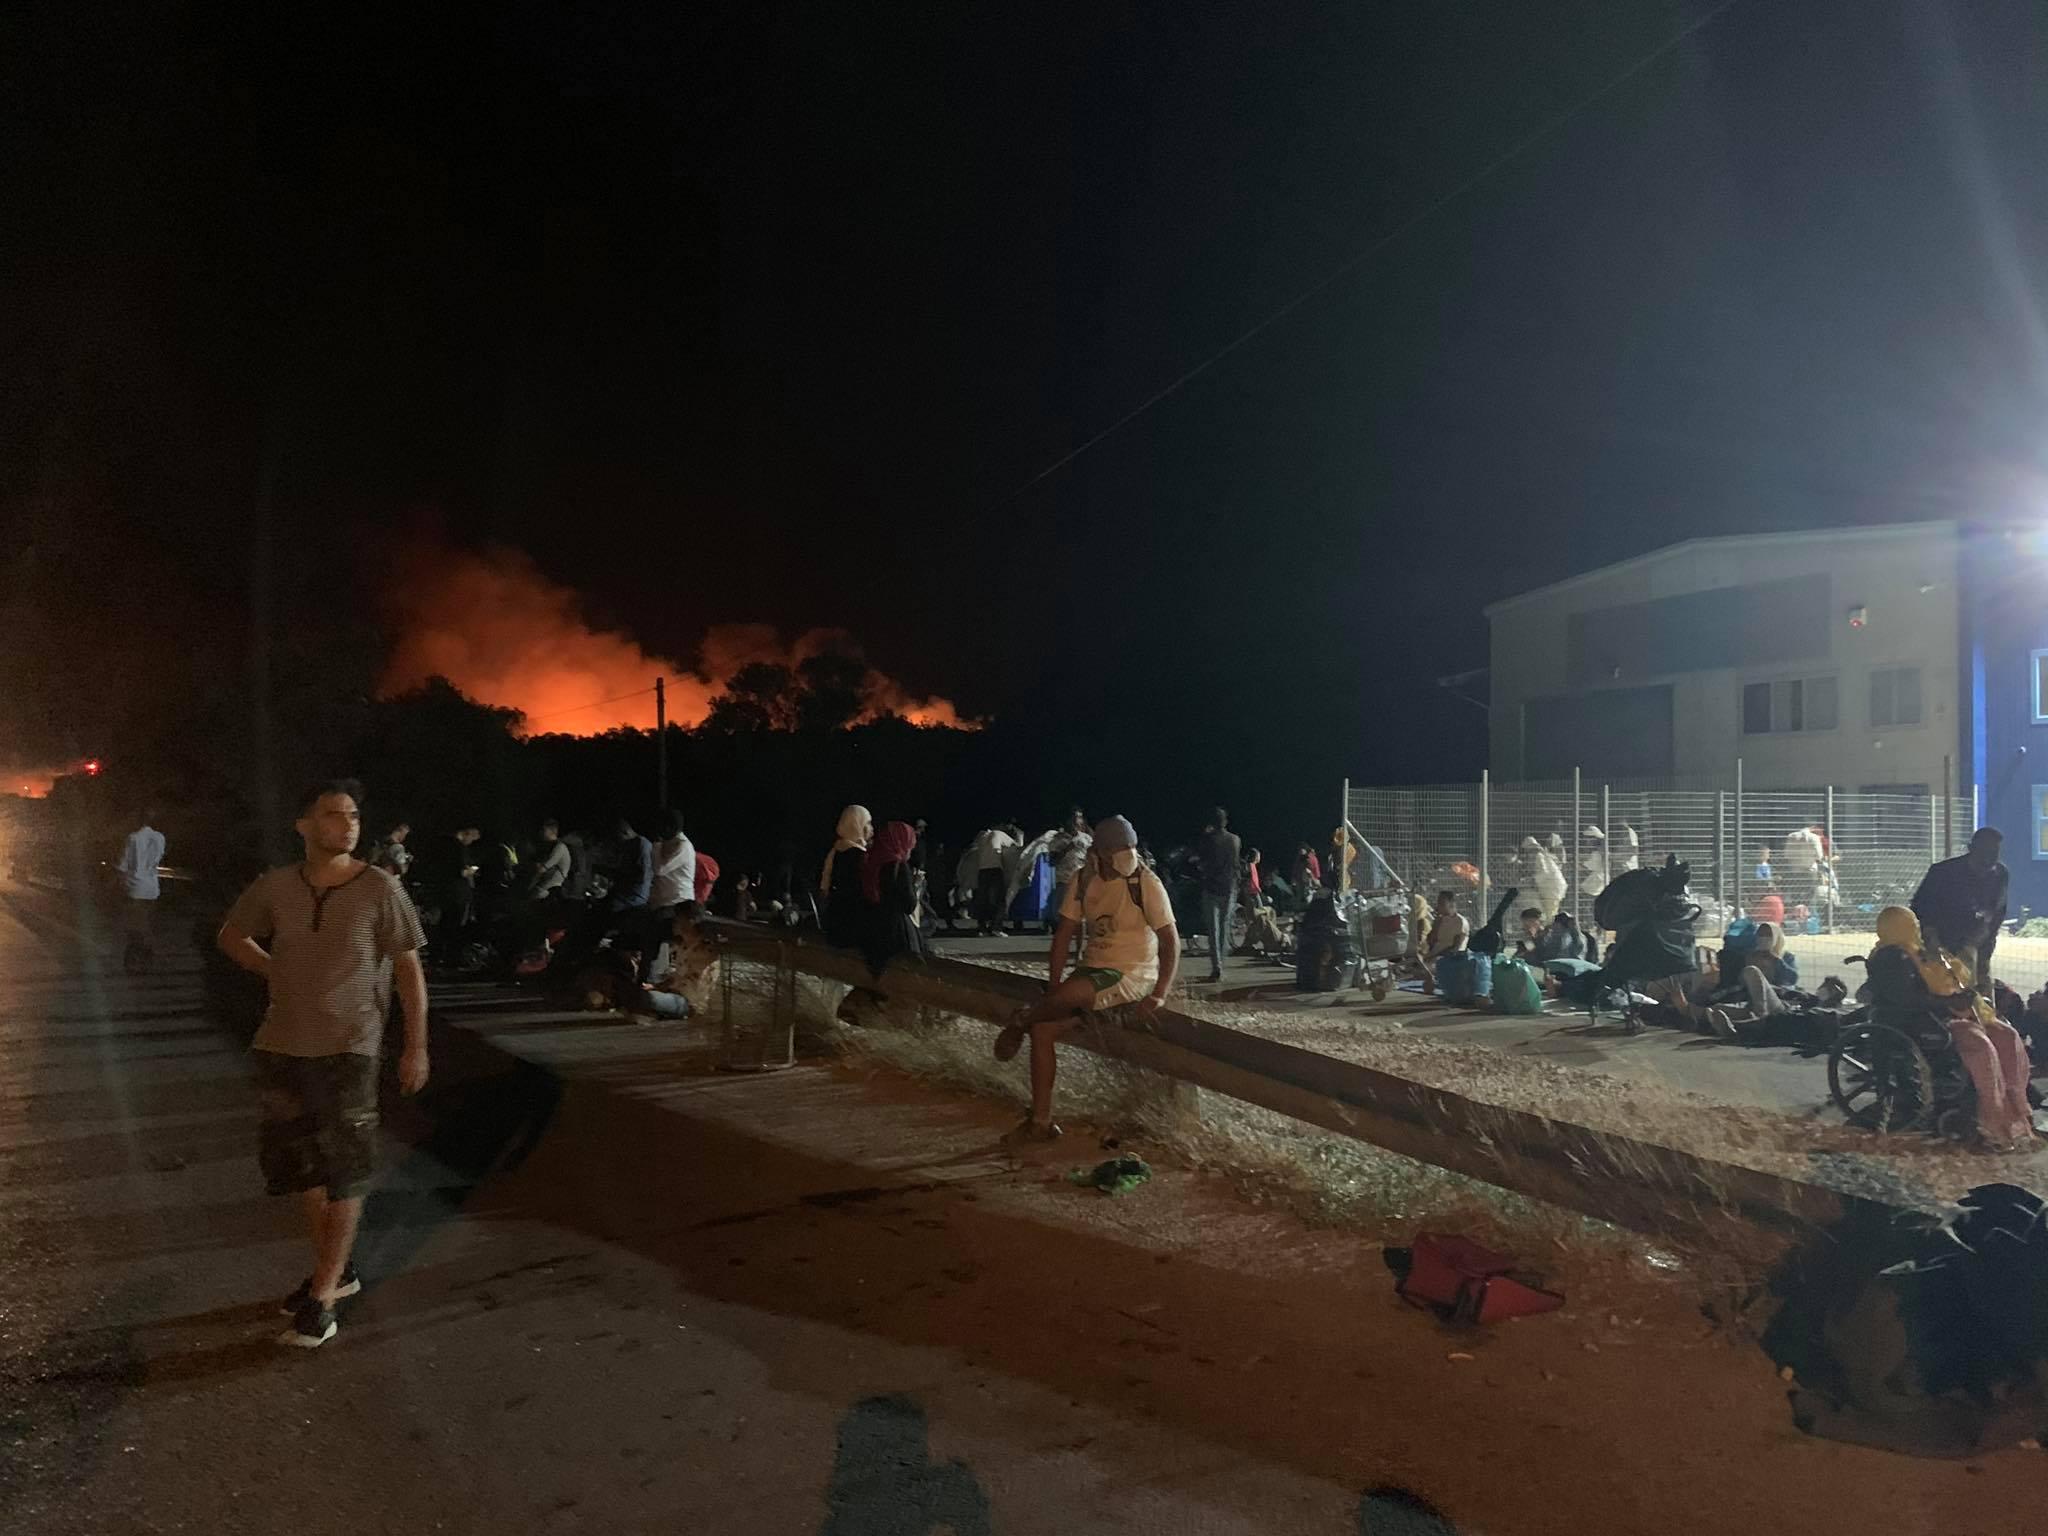 Μια νύχτα στη Μόρια: Πρόσφυγες και μετανάστες στο δρόμο -